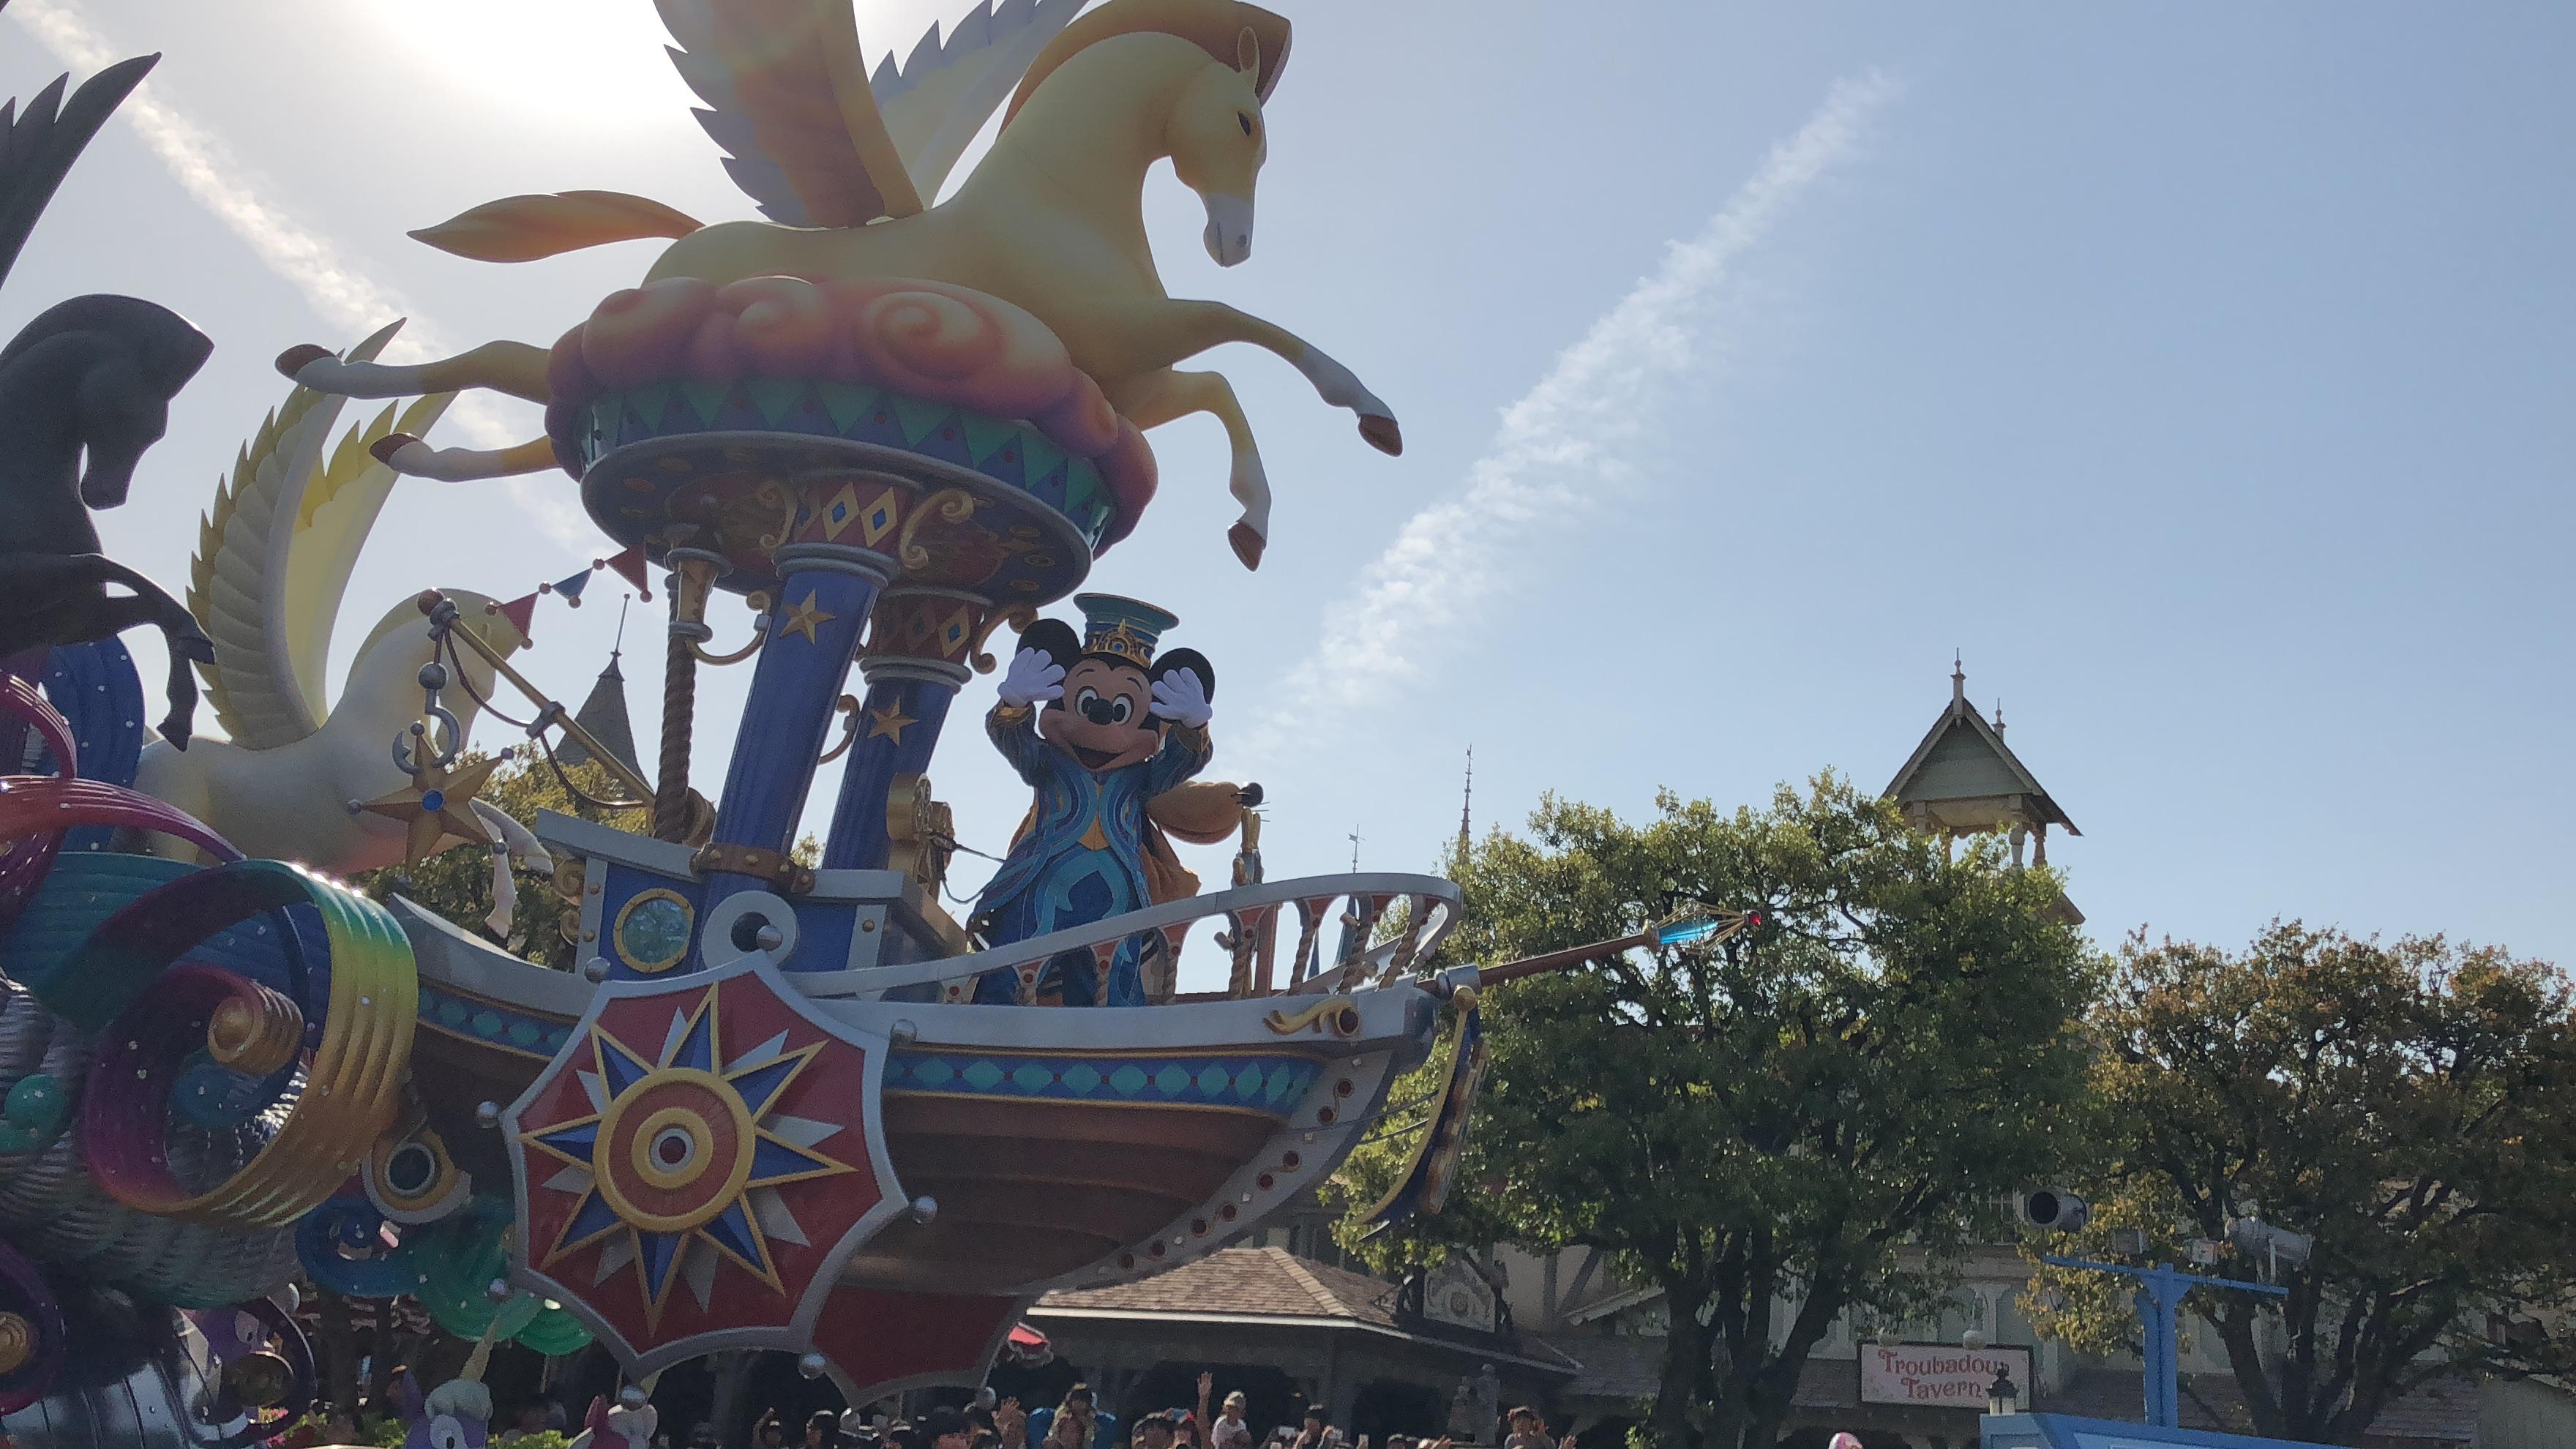 東京ディズニーランド 35周年 パレード ドリーミングアップが4月15日開始